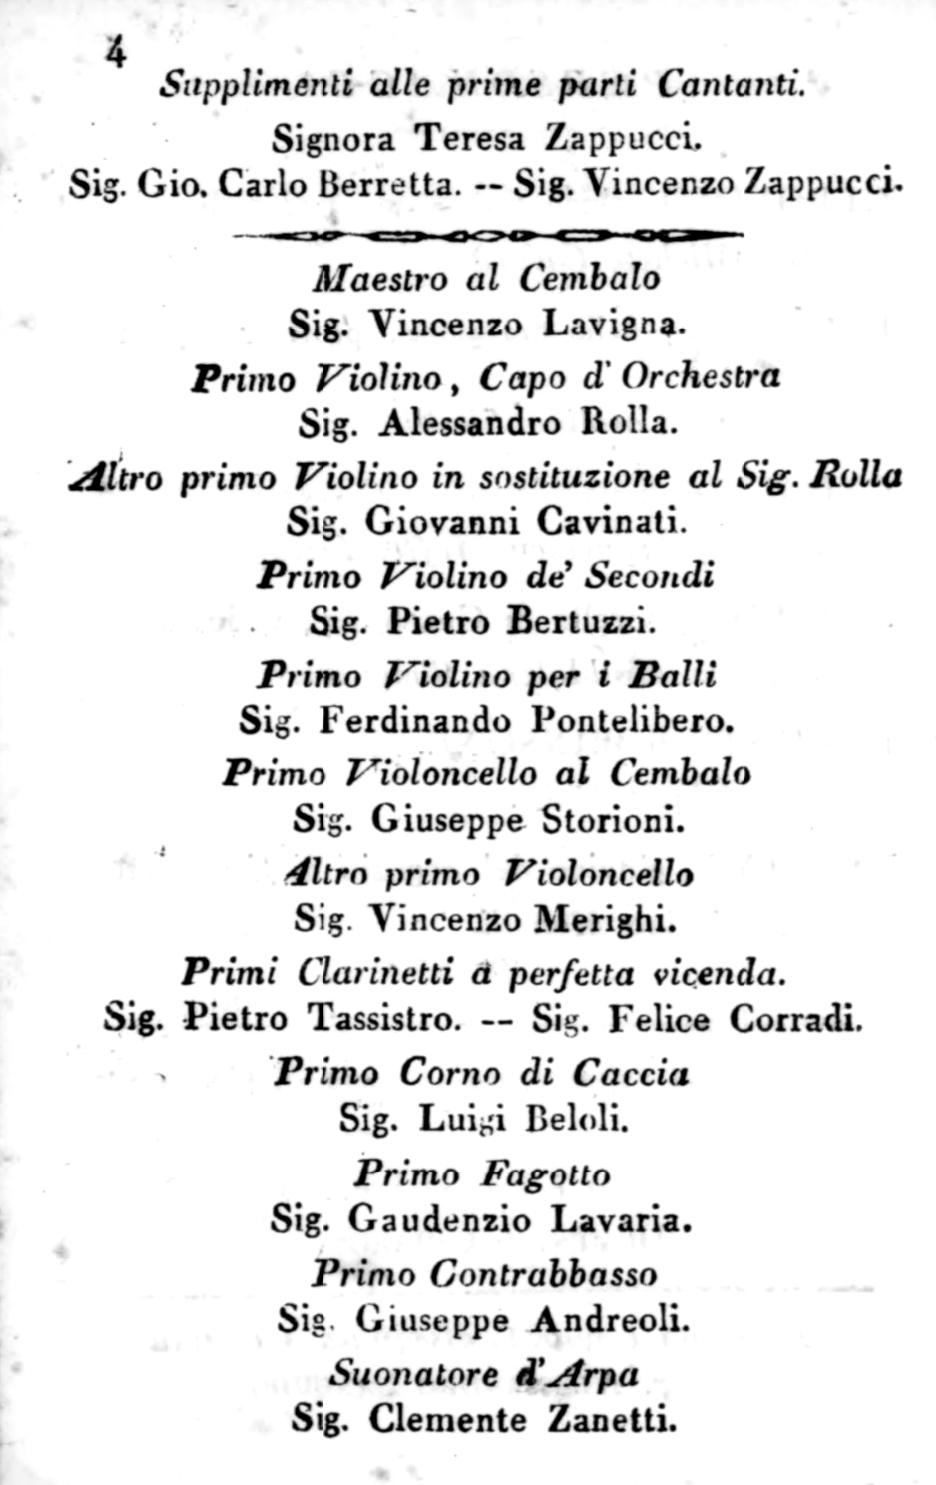 ミラノ・スカラ座歌劇場管弦楽団の歴史 1811年~1820年_b0189423_17360146.jpg